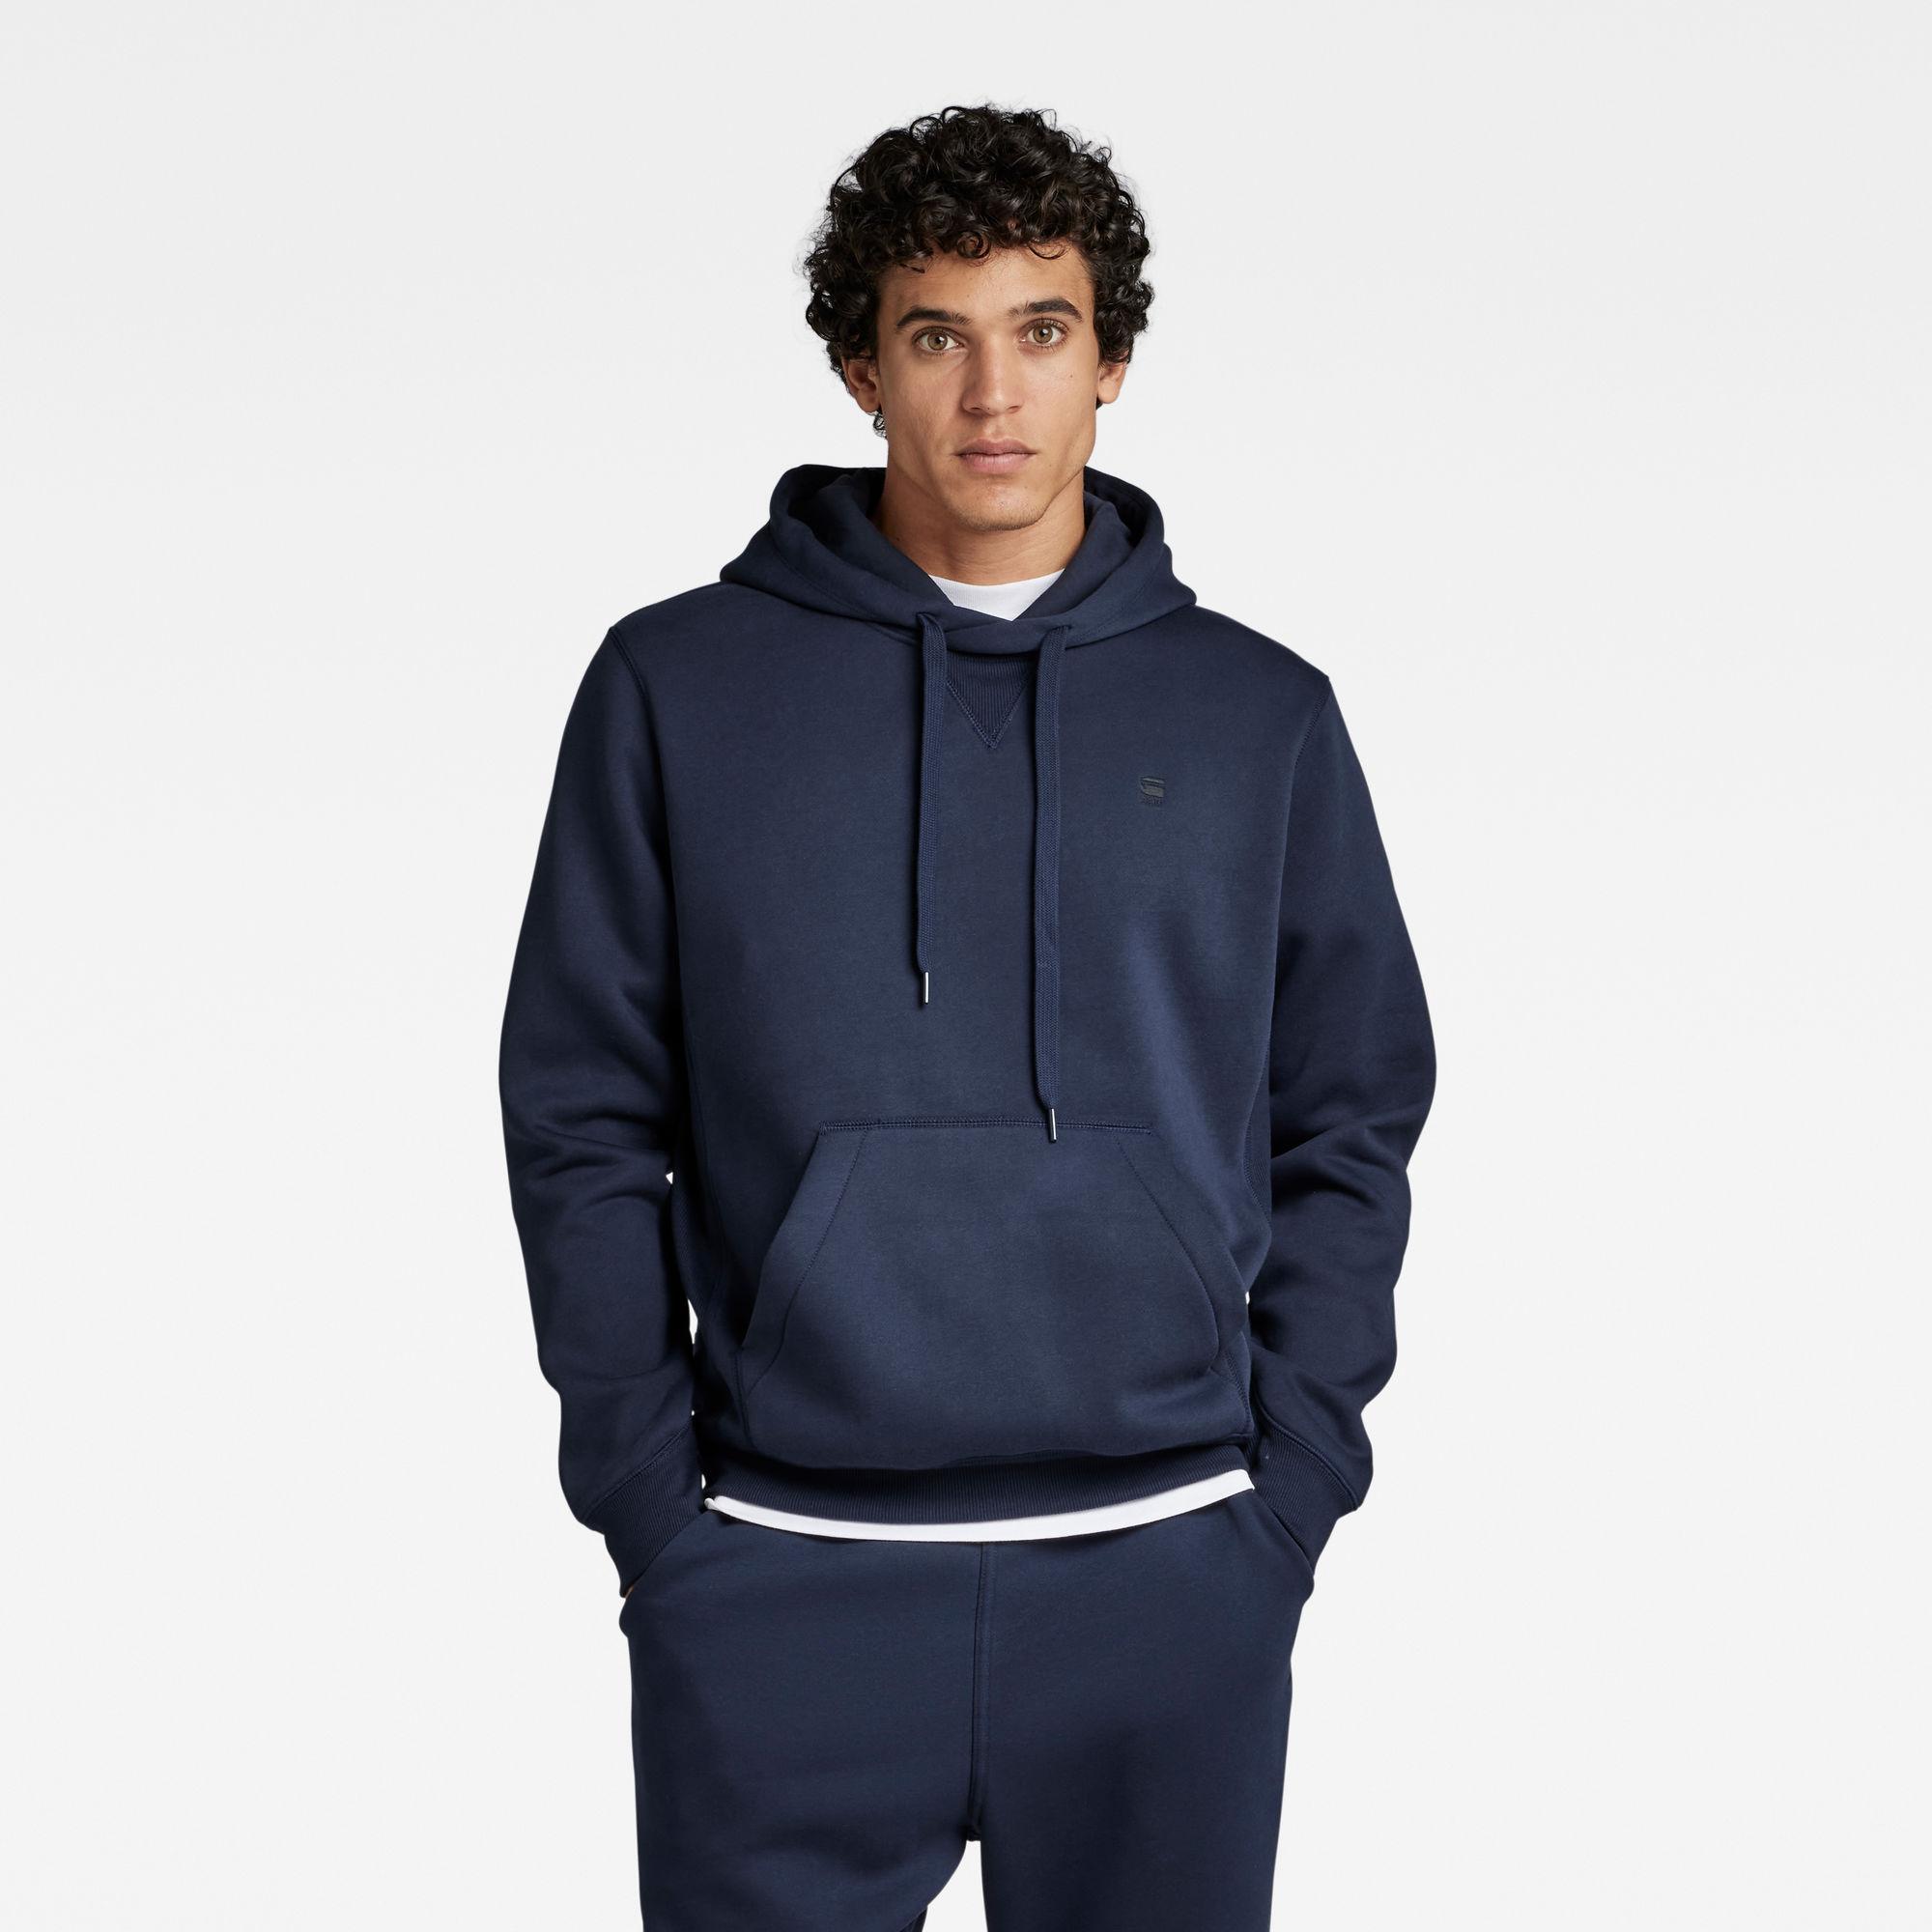 G-Star RAW Heren Premium Core Hooded Sweater Donkerblauw